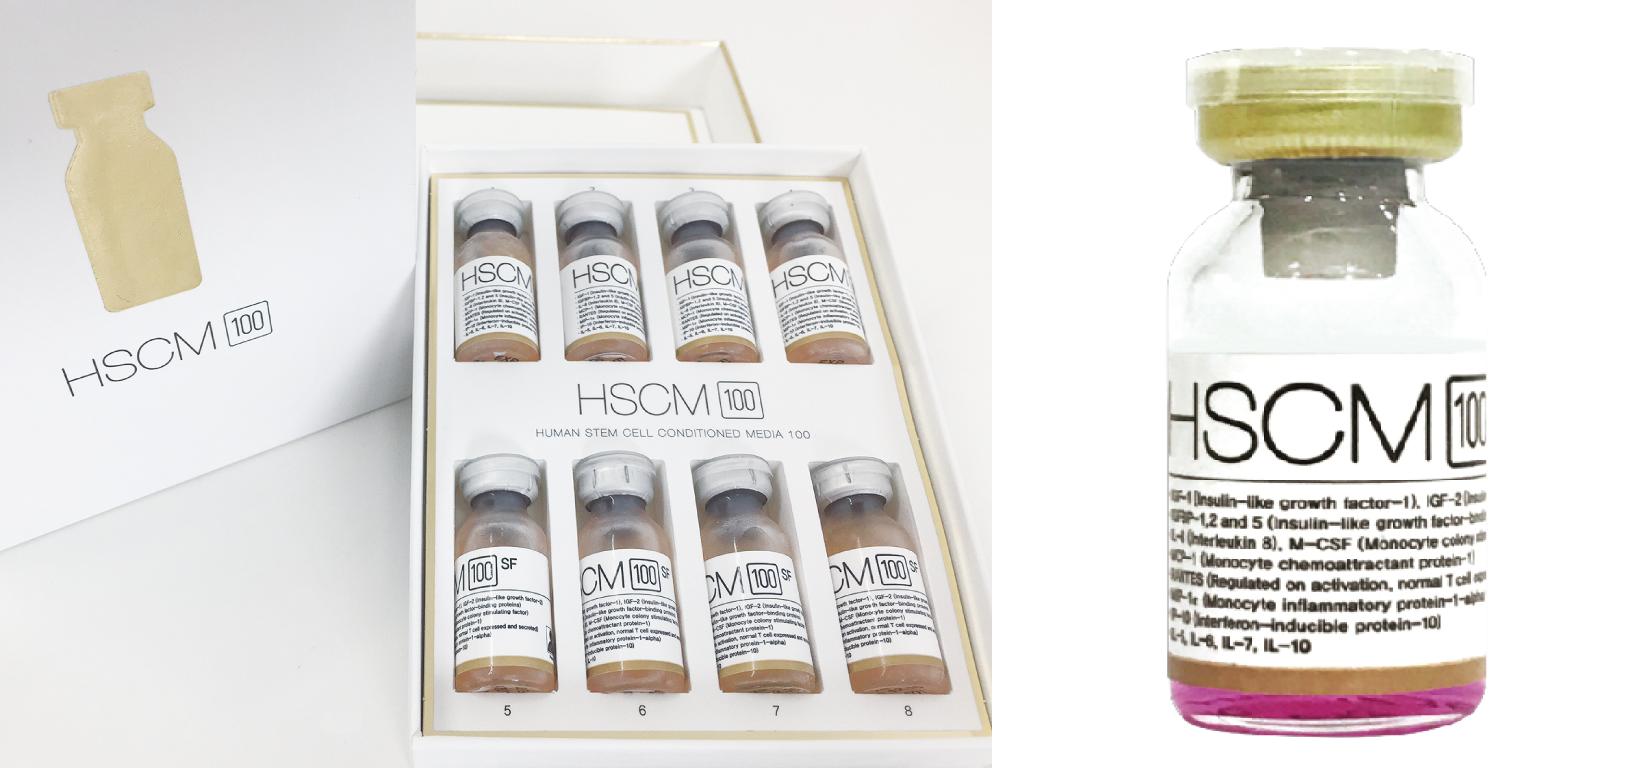 サイトカインブースター CytB-neo hscm100 臍帯血幹細胞 毛髪再生 発毛 育毛 ハゲ AGA 薄毛